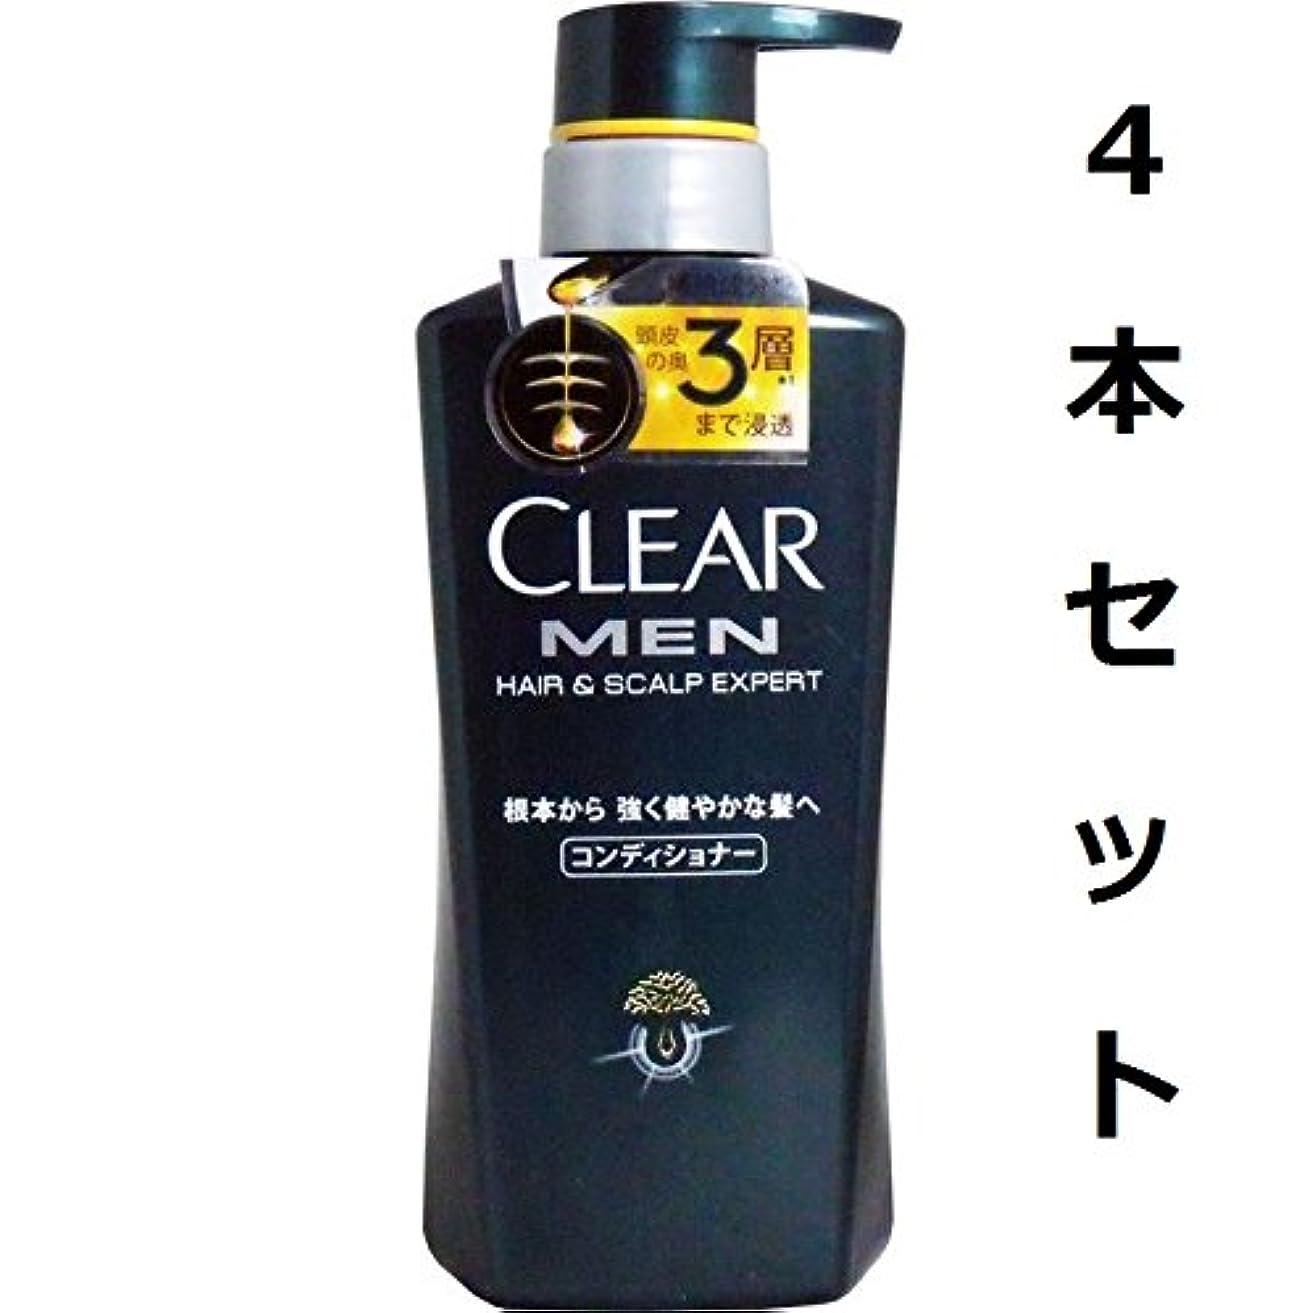 価値艶マウス男の頭皮に必要な補給成分配合処方 クリア フォーメン ヘア&スカルプ エキスパート コンディショナー ポンプ 350g 4本セット